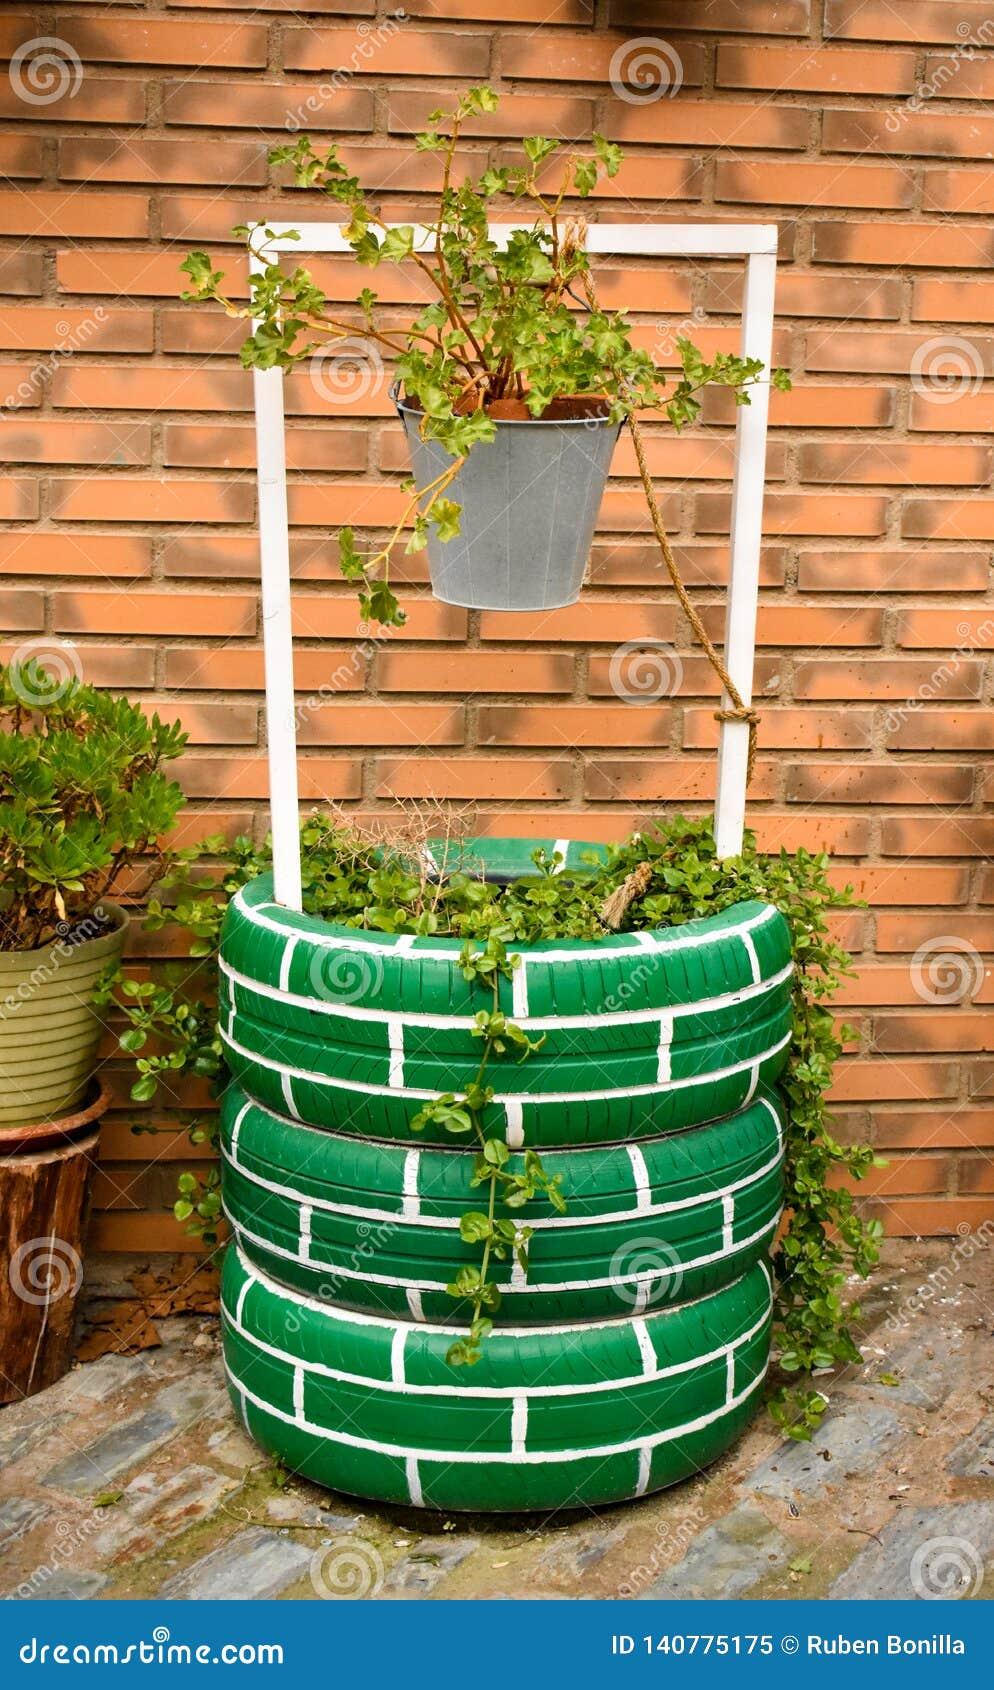 Stedelijke waterput die een stedelijke tuin met geschilderde banden verfraaien, een grijze emmer met installaties op een baksteen